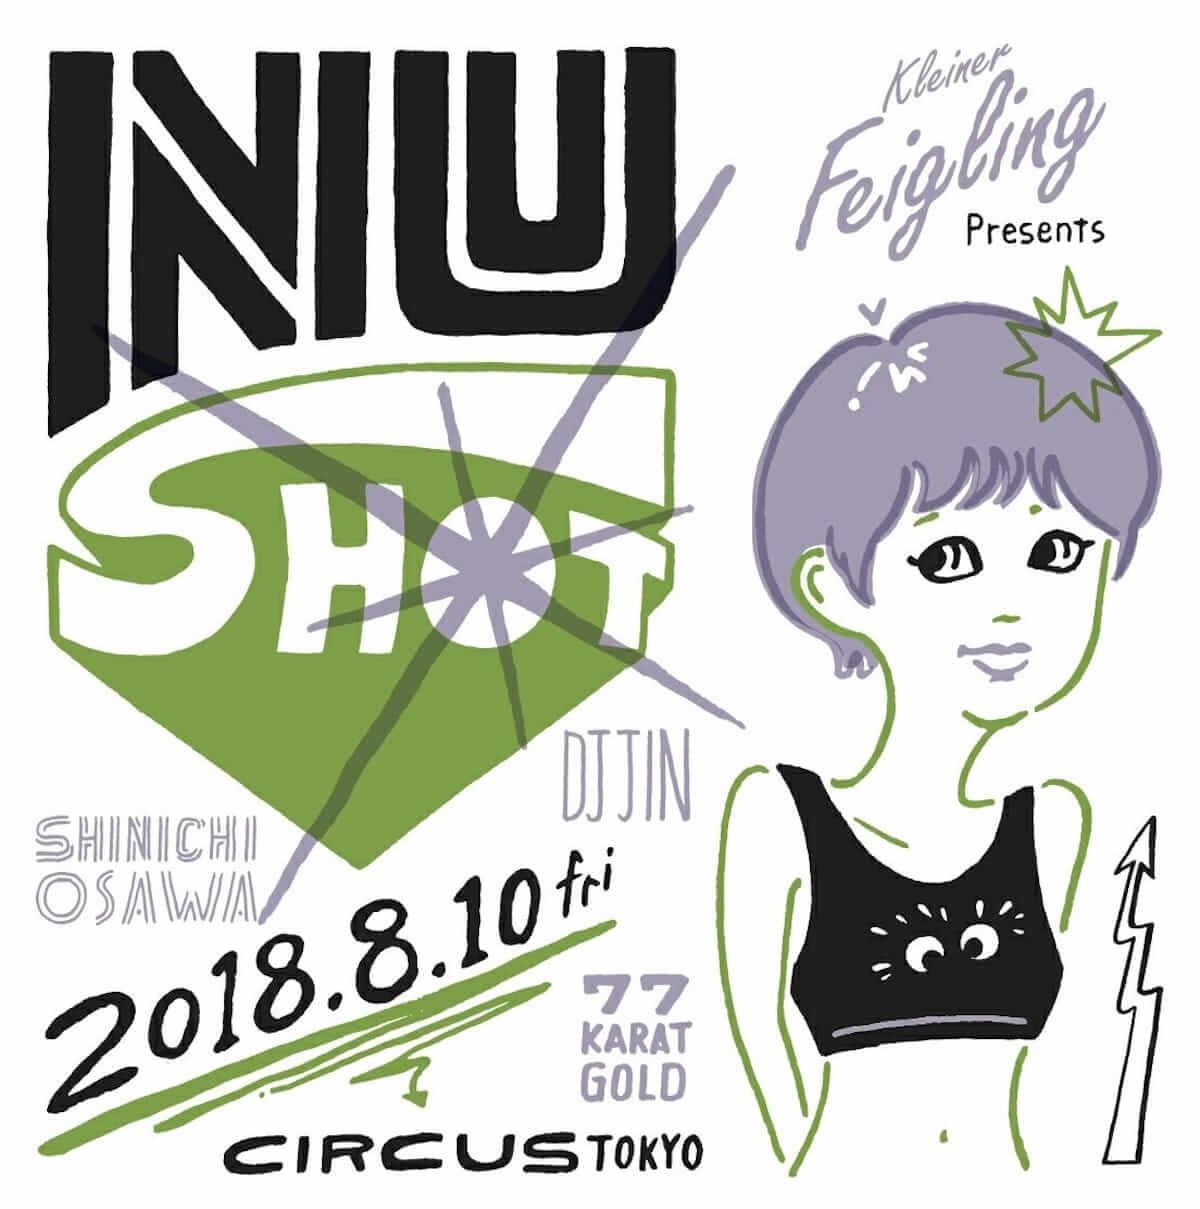 注目の新パーティー「NU-SHOT」が8月10日(金)にCIRCUS Tokyoにて開催 music180802-nu-shot-2-1200x1209